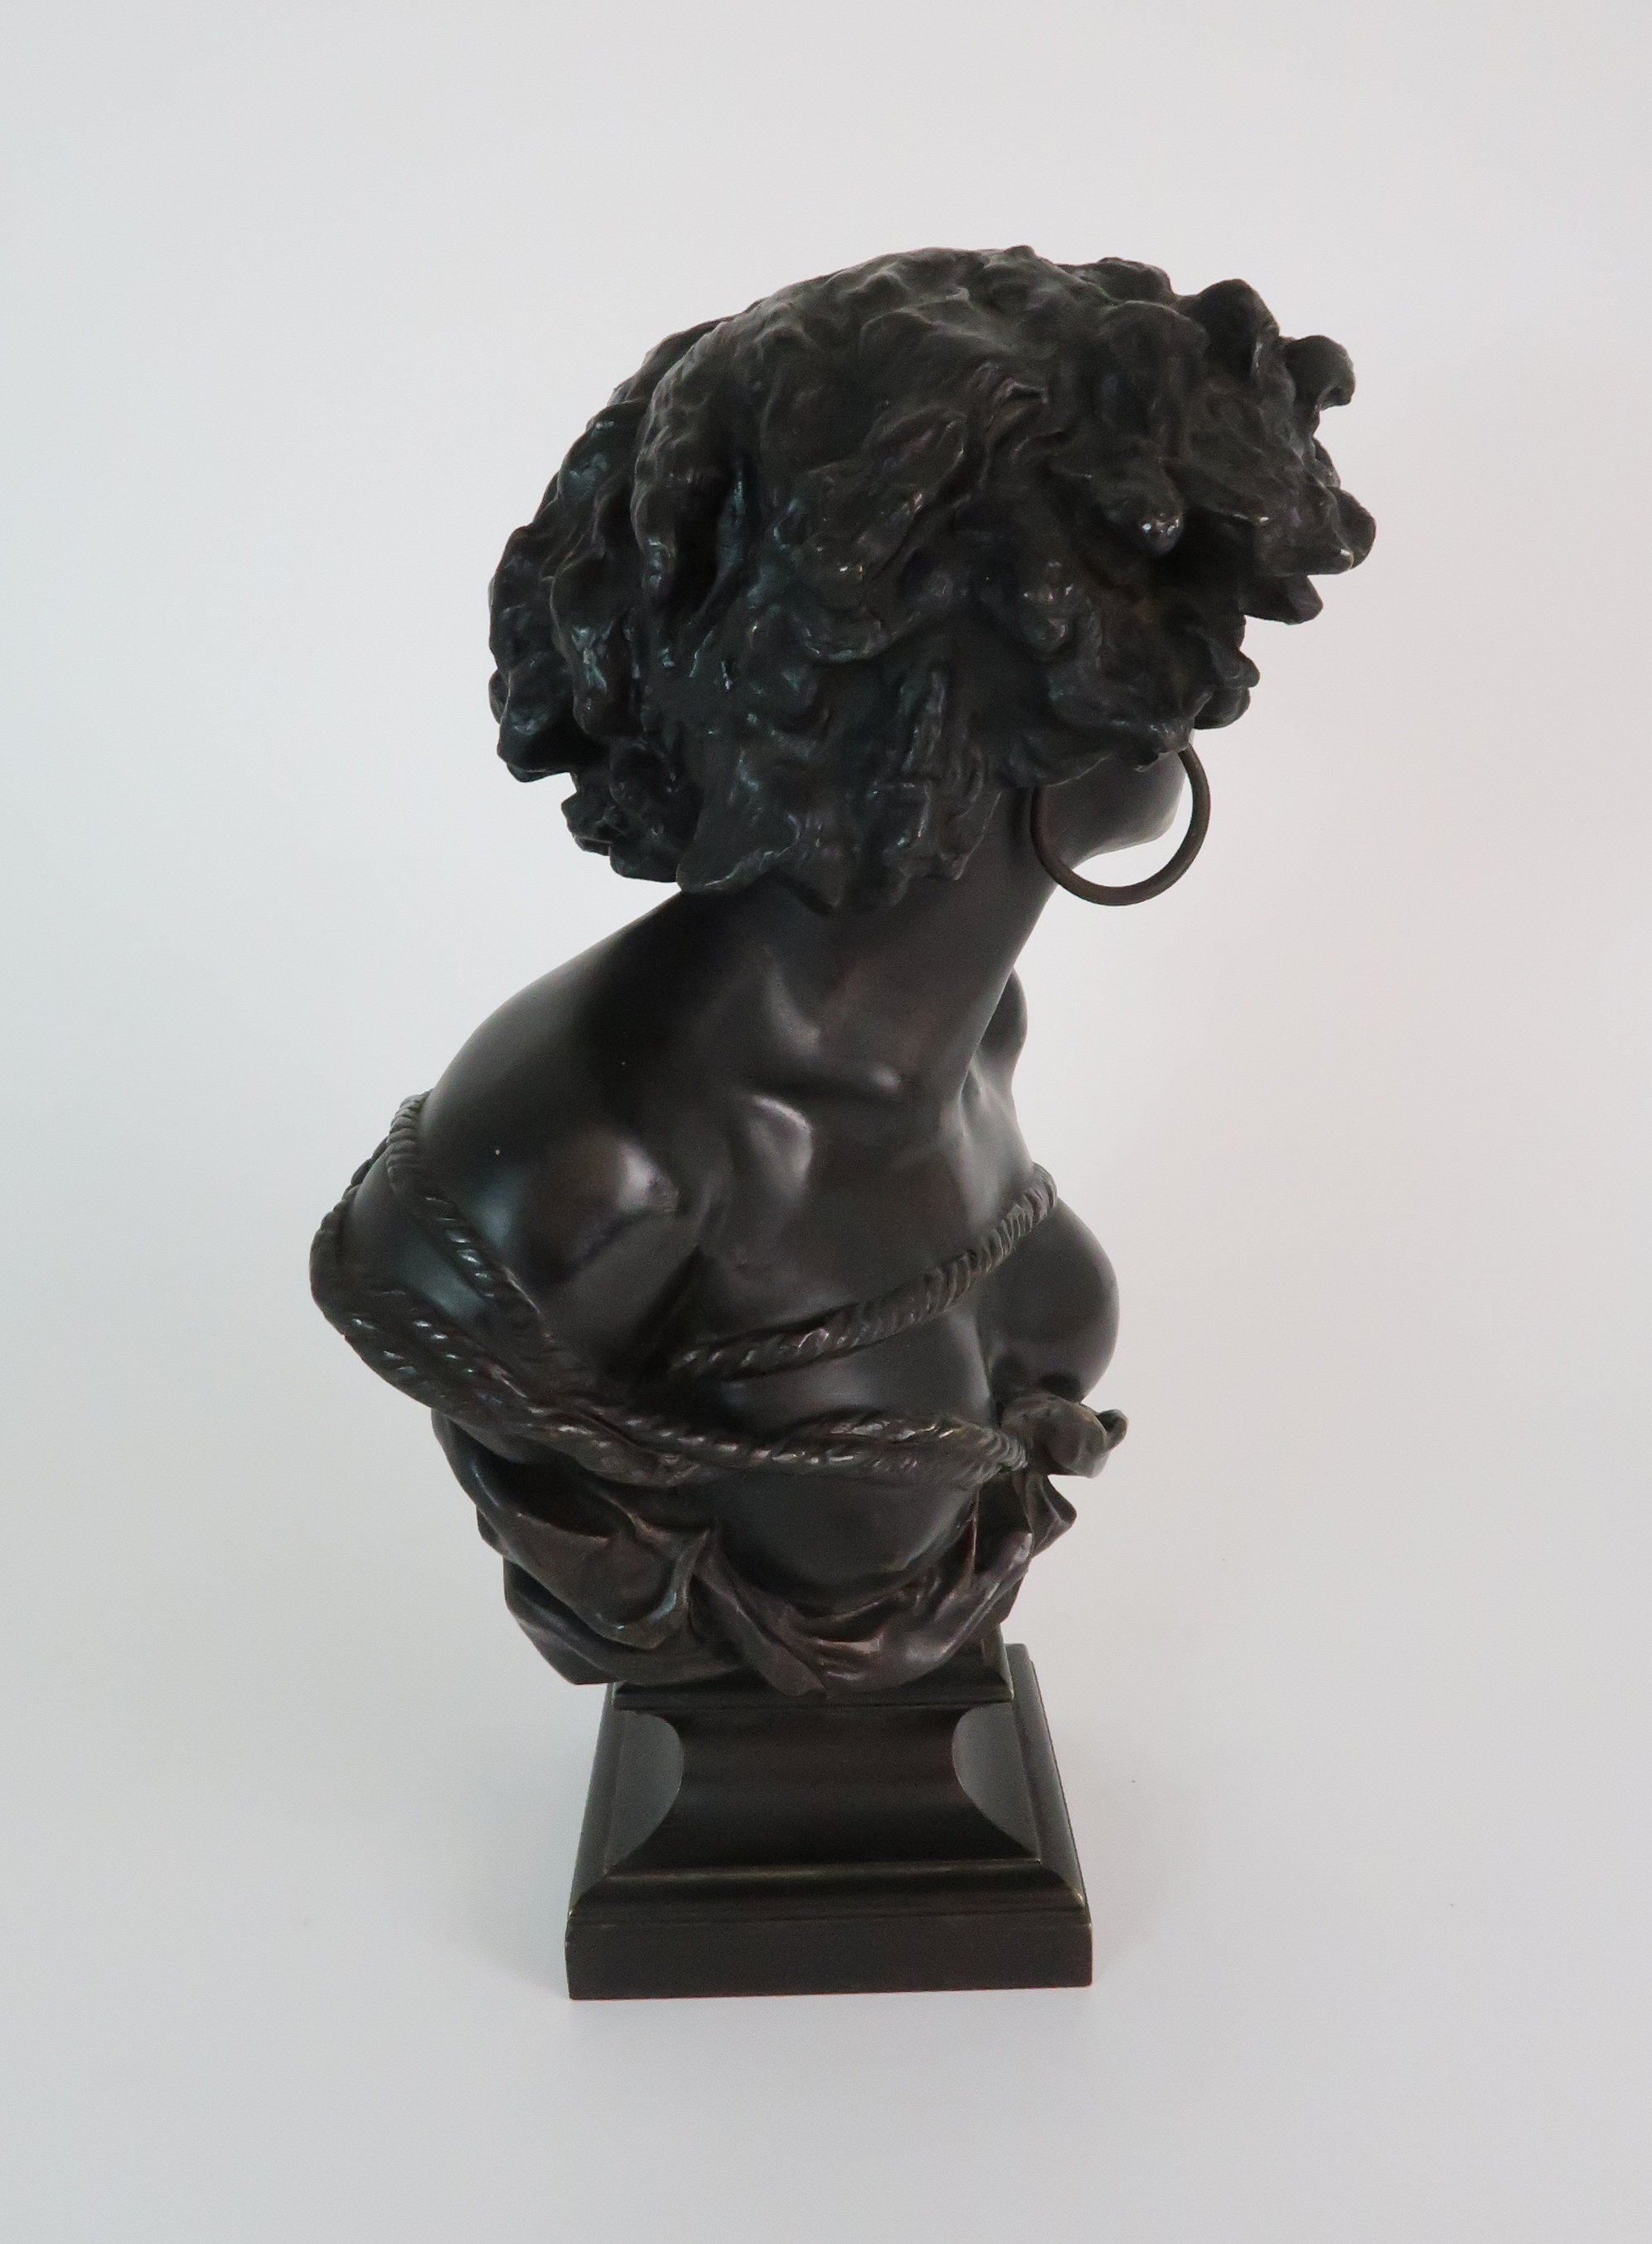 AFTER JEAN-BAPTISTE CARPEAUX (FRENCH 1827-1875) - POUR QUOINAITRE ESCLAVE a bronze bust of a - Image 4 of 7